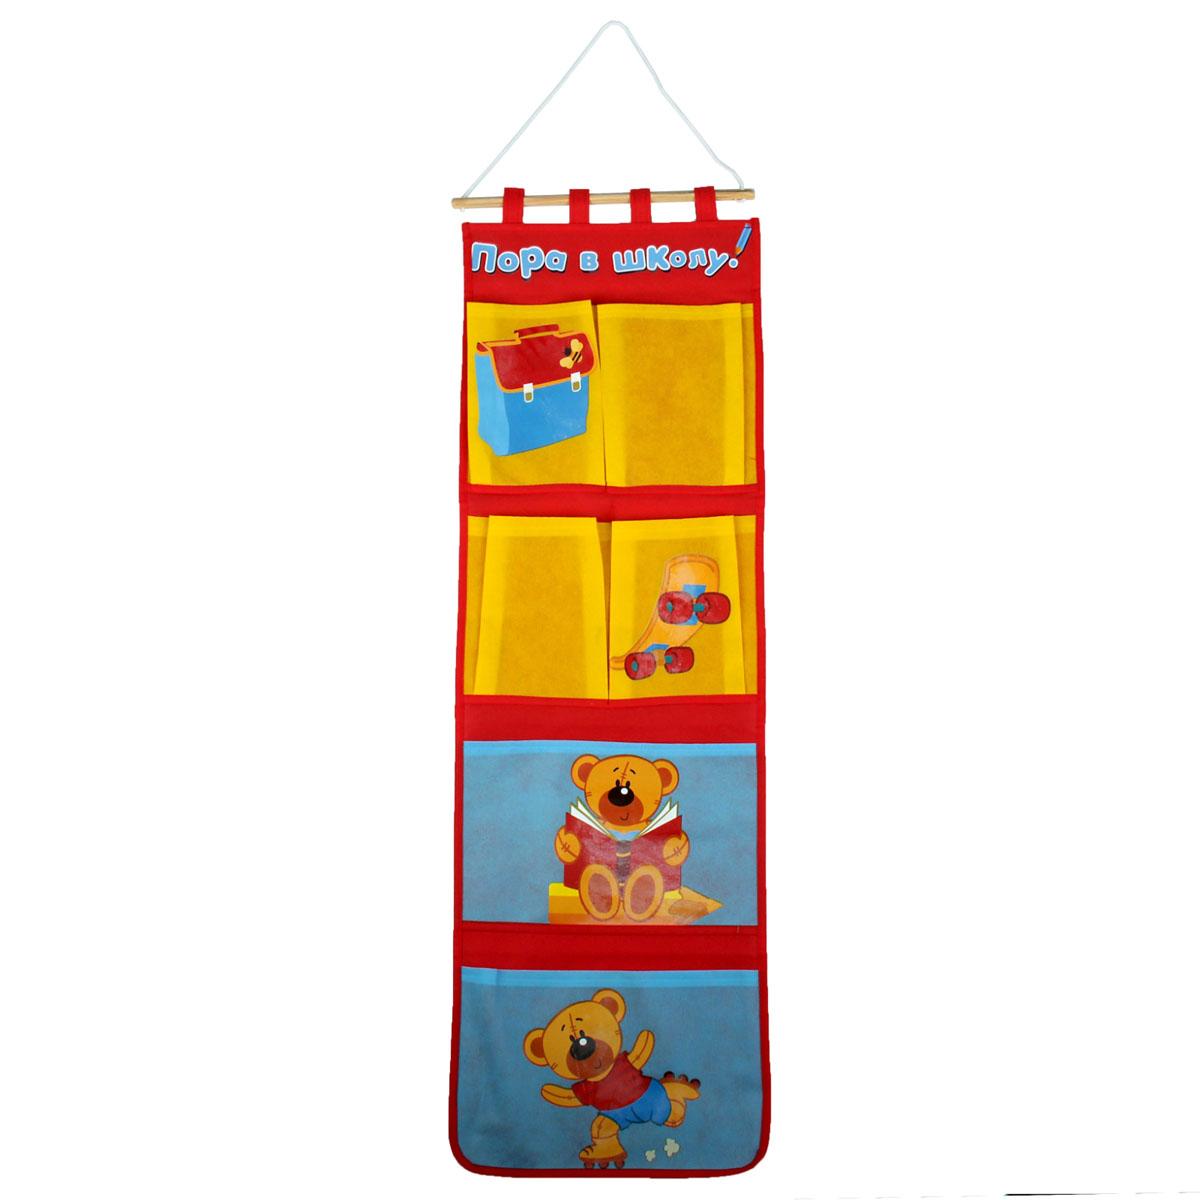 Кармашки на стену Sima-land Пора в школу, цвет: красный, желтый, голубой, 6 шт906883Кармашки на стену Sima-land «Пора в школу», изготовленные из текстиля, предназначены для хранения необходимых вещей, множества мелочей в гардеробной, ванной, детской комнатах. Изделие представляет собой текстильное полотно с шестью пришитыми кармашками. Благодаря деревянной планке и шнурку, кармашки можно подвесить на стену или дверь в необходимом для вас месте. Кармашки декорированы изображениями портфеля, медведя, скейтборда и надписью «Пора в школу». Этот нужный предмет может стать одновременно и декоративным элементом комнаты. Яркий дизайн, как ничто иное, способен оживить интерьер вашего дома.